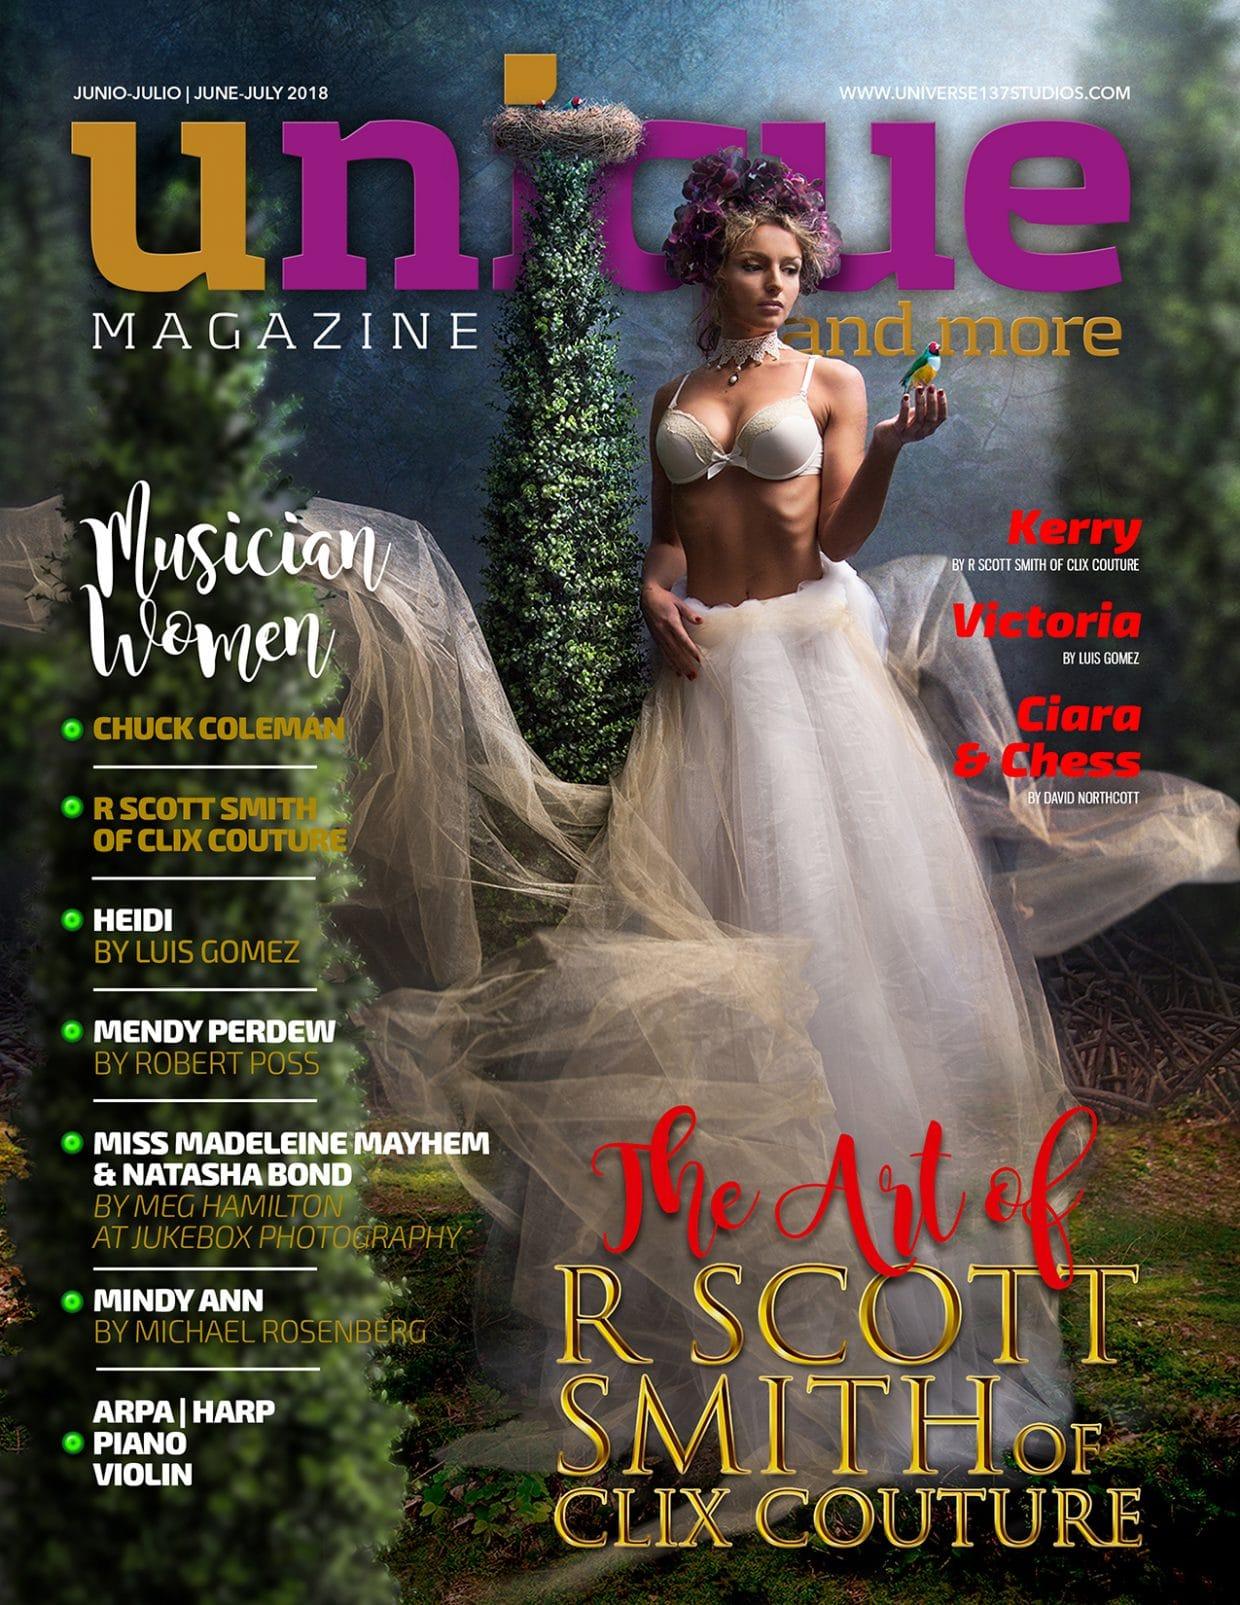 Unique Magazine - June - July 2018 1